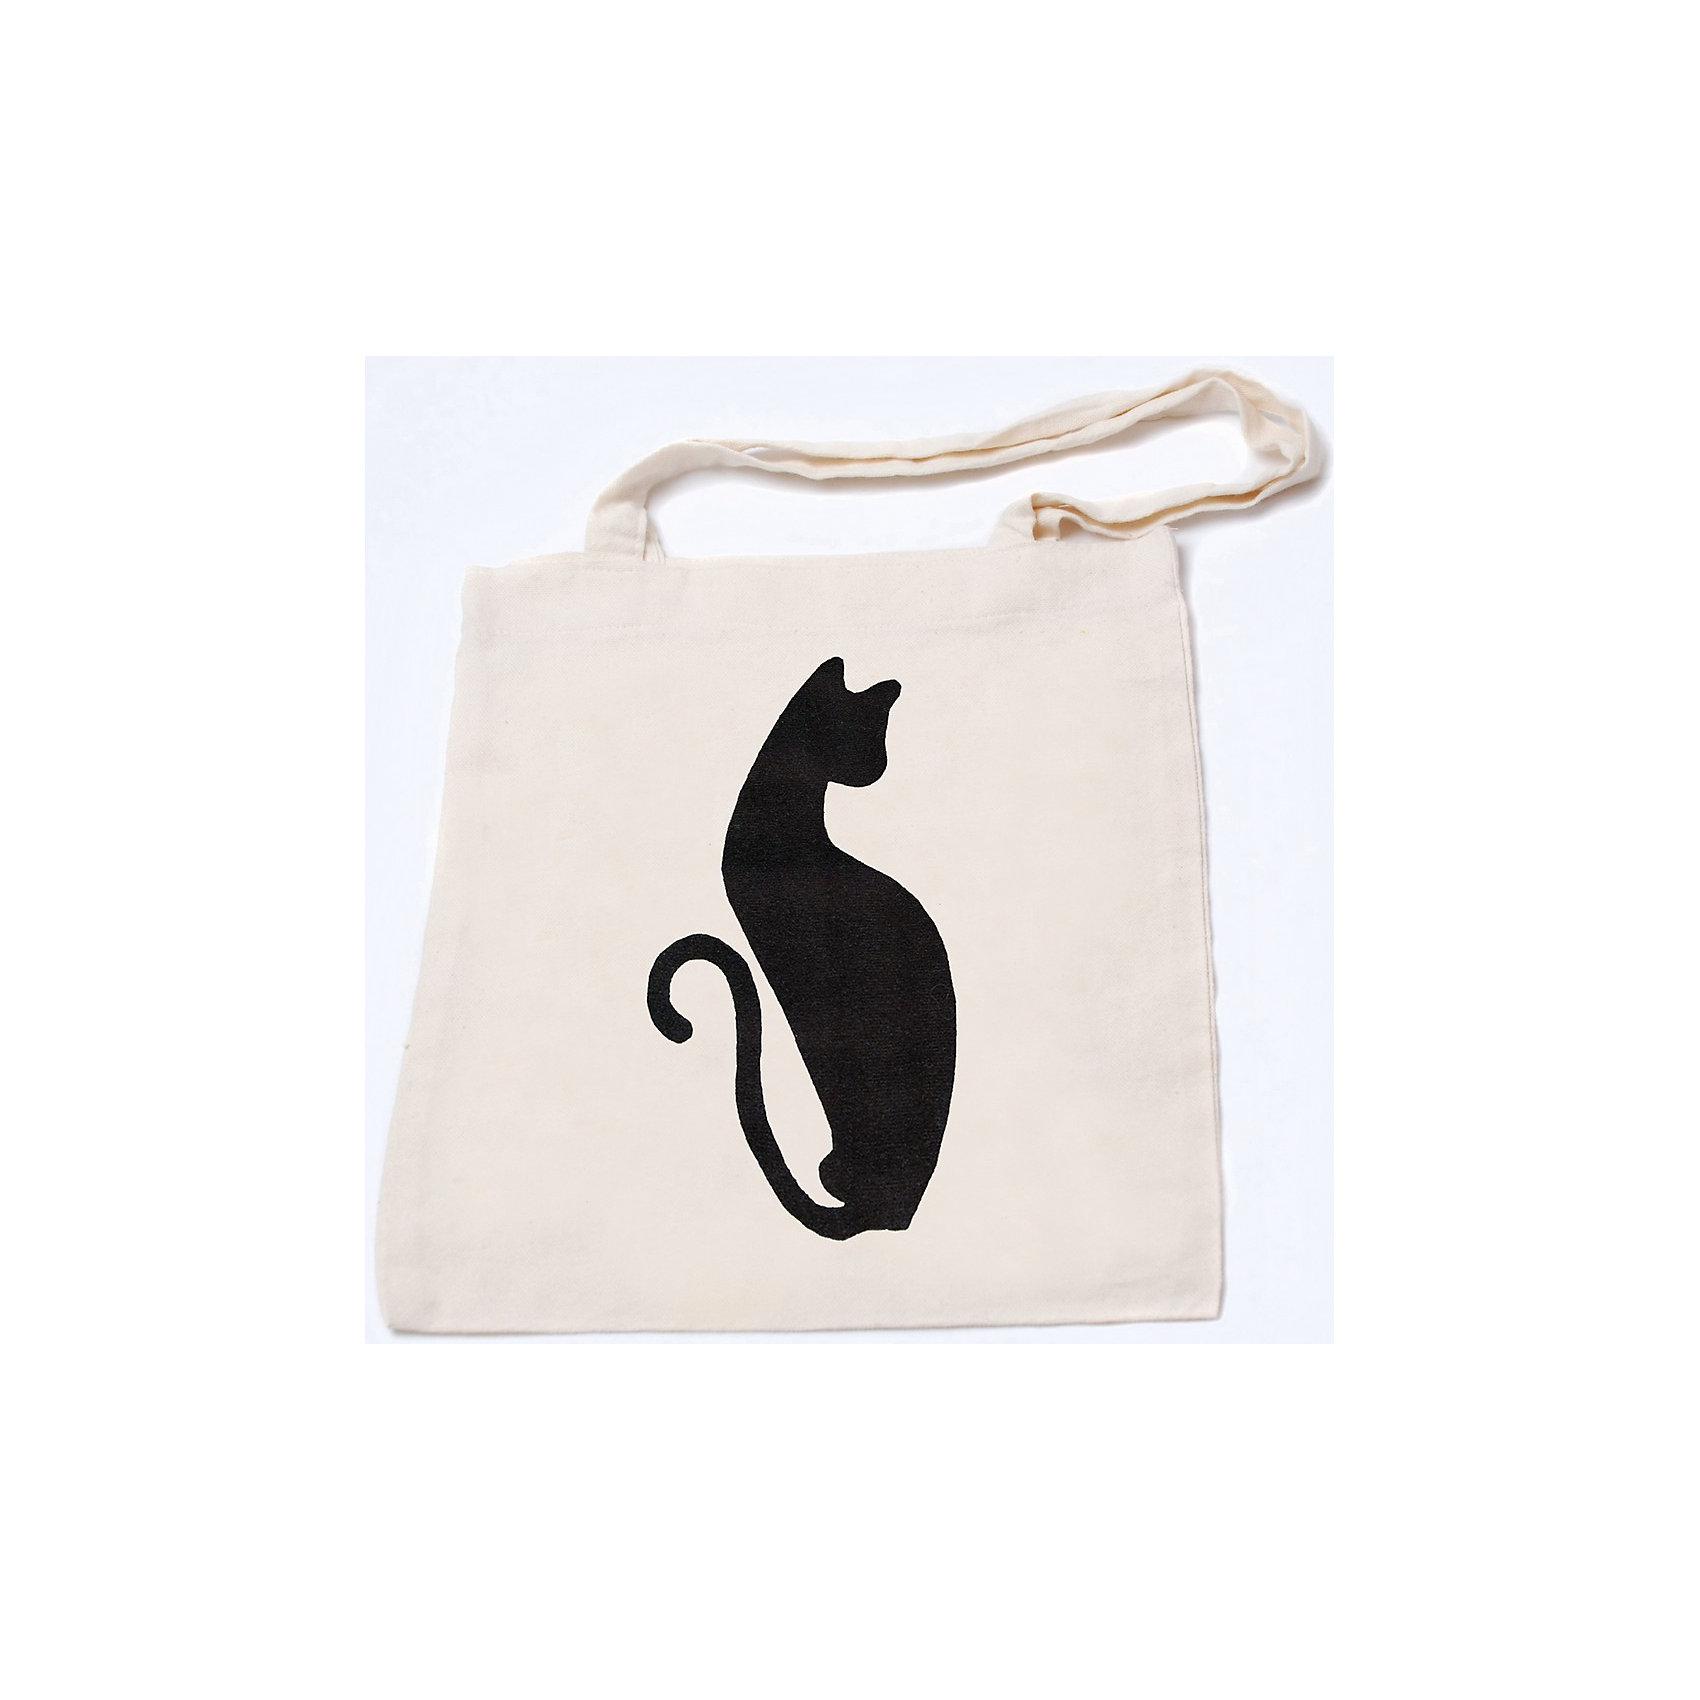 STIGIS Стигис-аппликация на эко-сумке Черная кошка сумки эко пак дз сумка